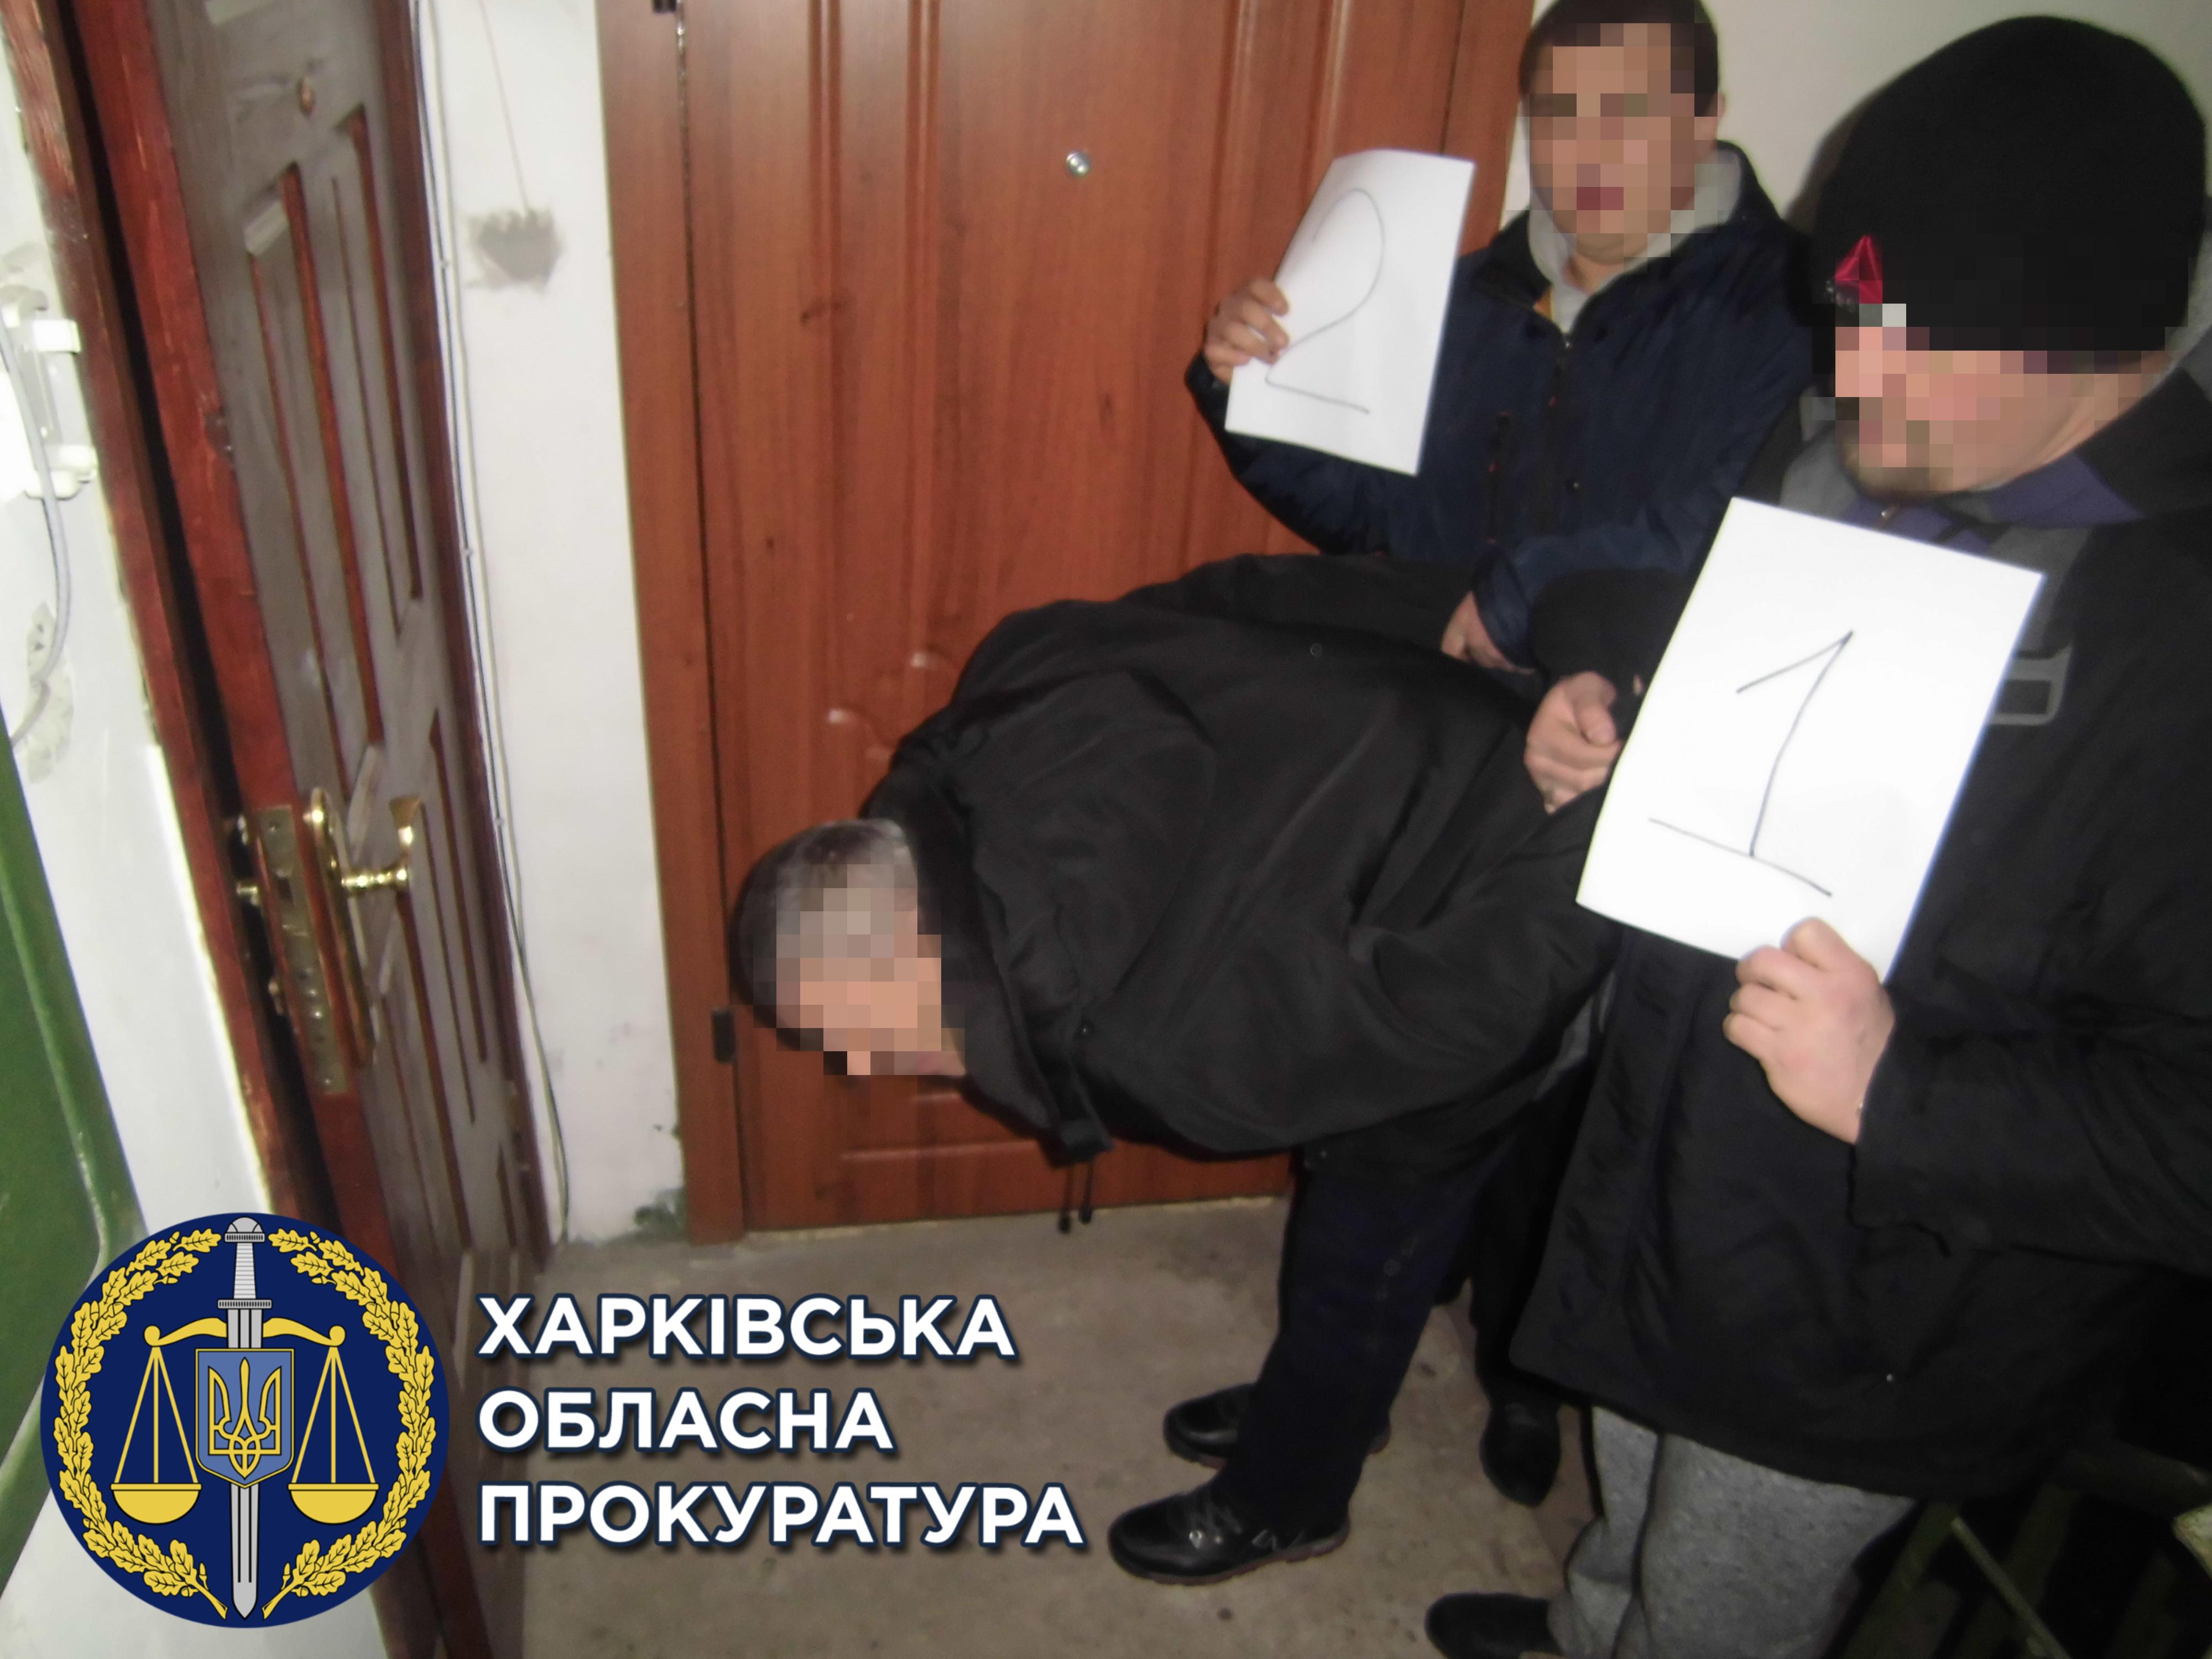 Новости Днепра про На Днепропетровщине полицейские украли у вора 42 миллиона гривен, а потом его отпустили